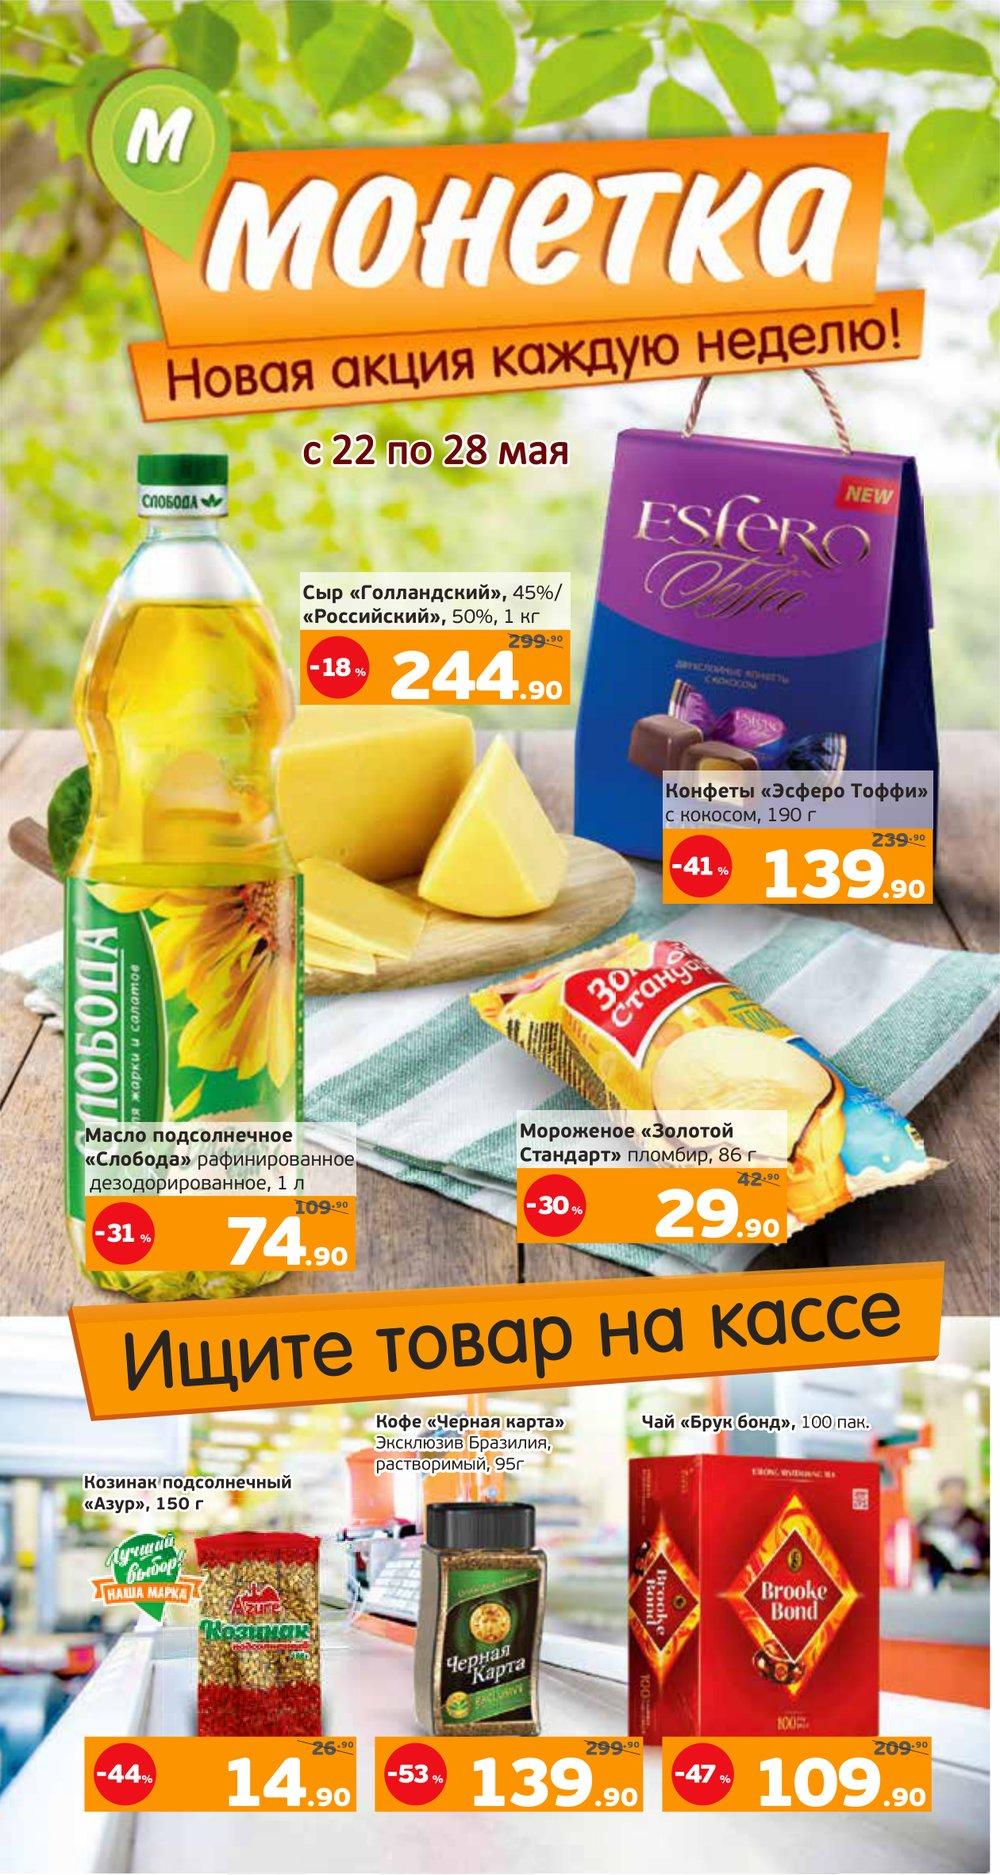 Каталог акций Монетка с 22 по 28 мая 2017 - стр. 1